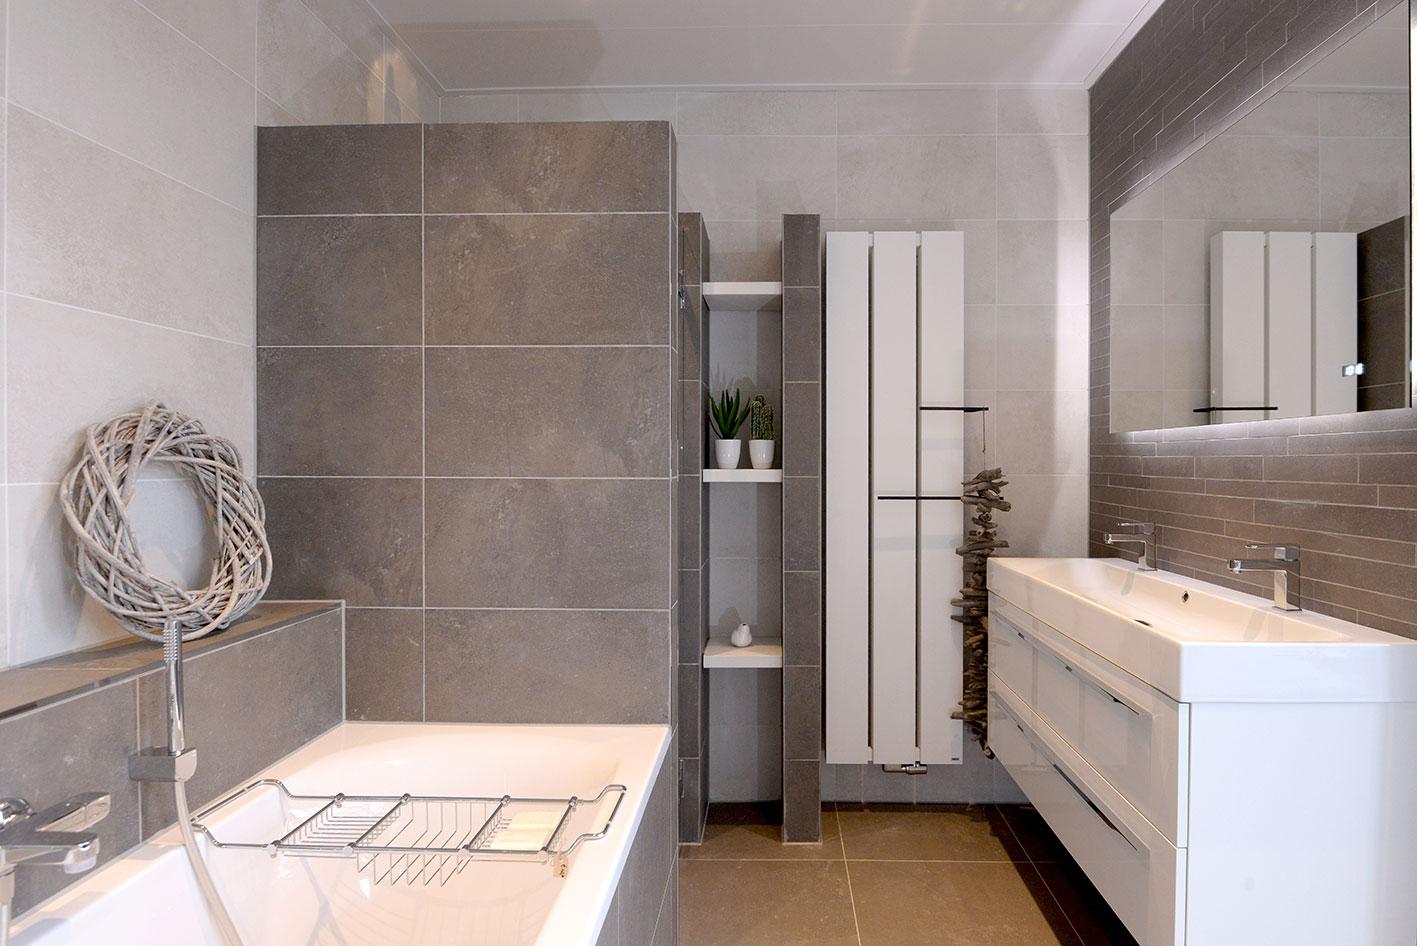 sydati design badkamer showroom laatste badkamer design badkamer, Badkamer